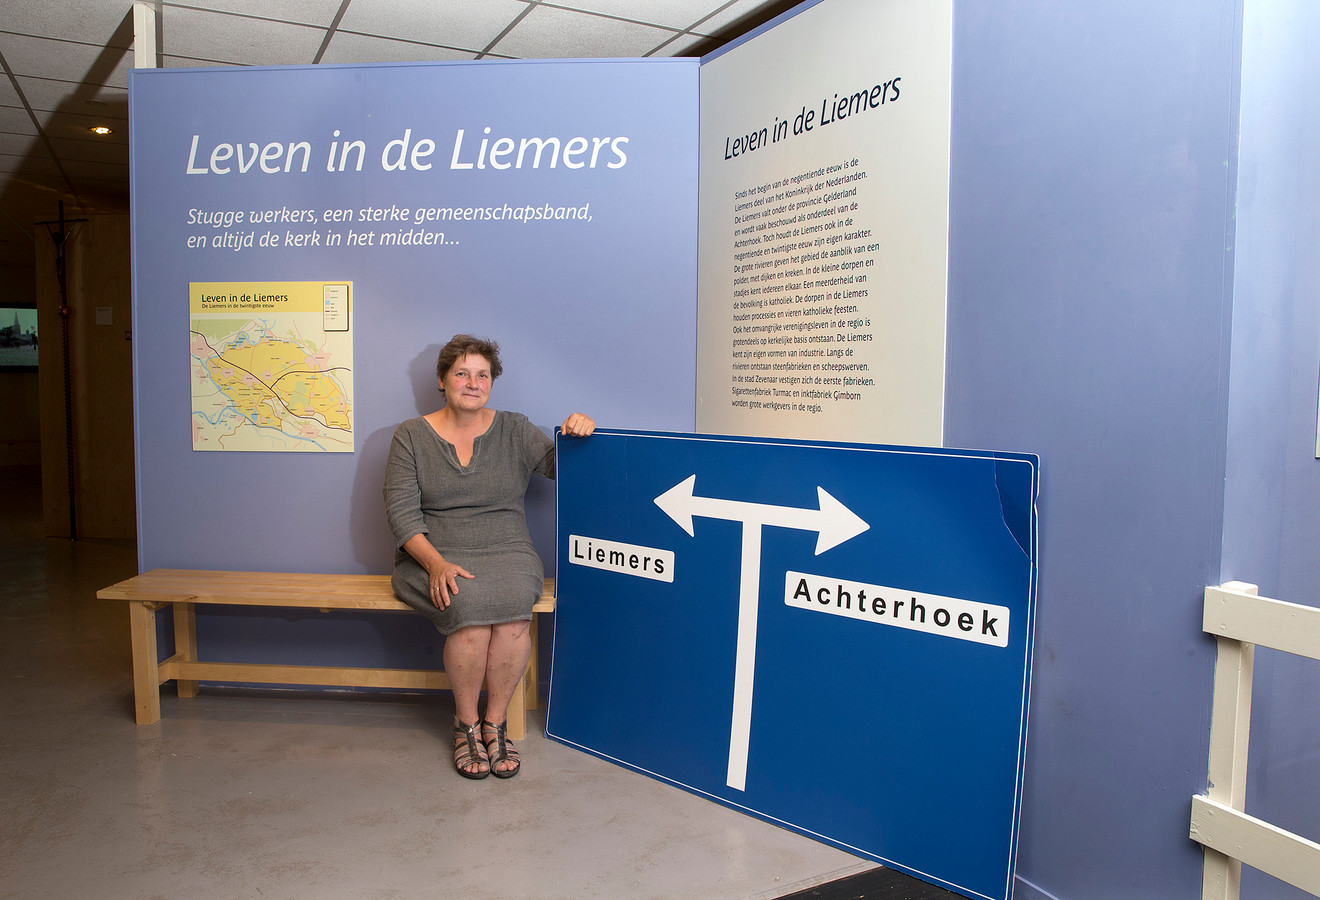 Ingrid Mens van het Liemers Museum in Zevenaar. ,,Grenzen zijn wat wij er van maken.''